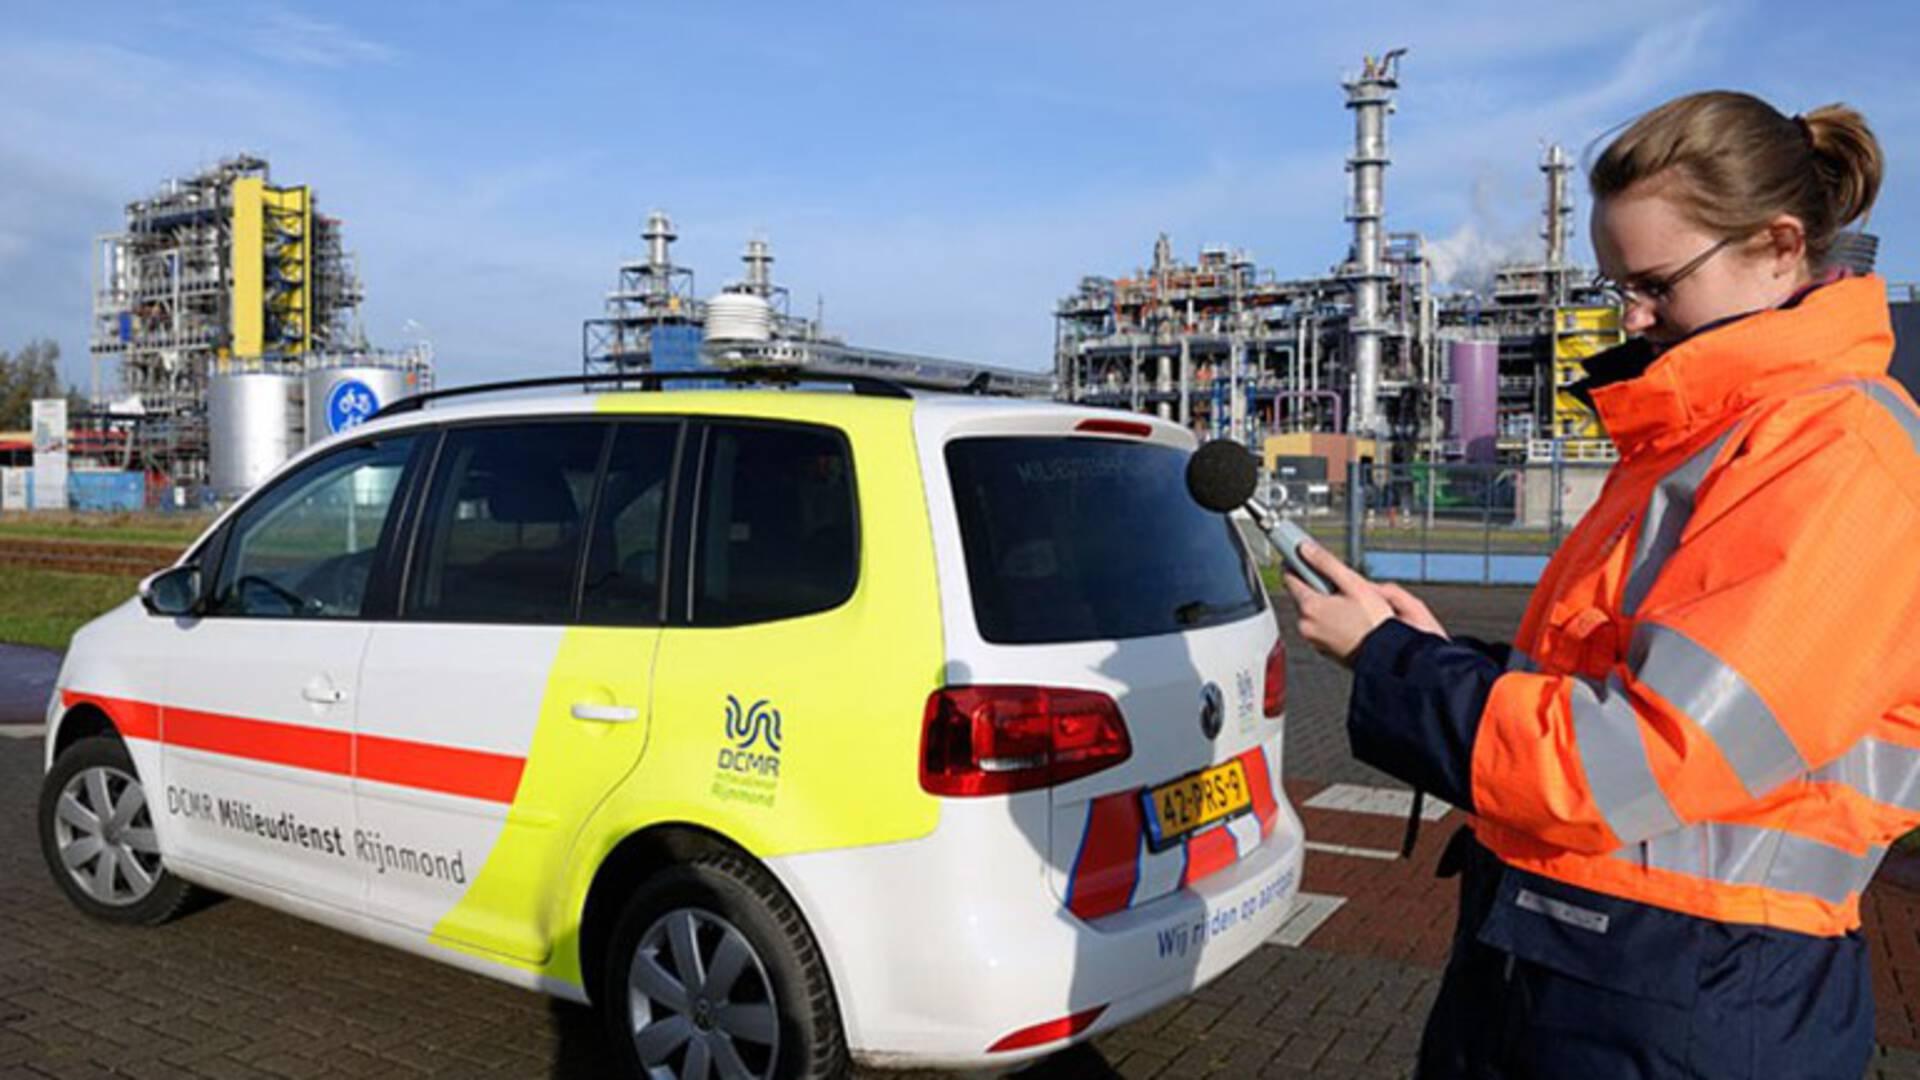 عشرات الشكاوى حول الروائح الكريهة في منطقة روتردام